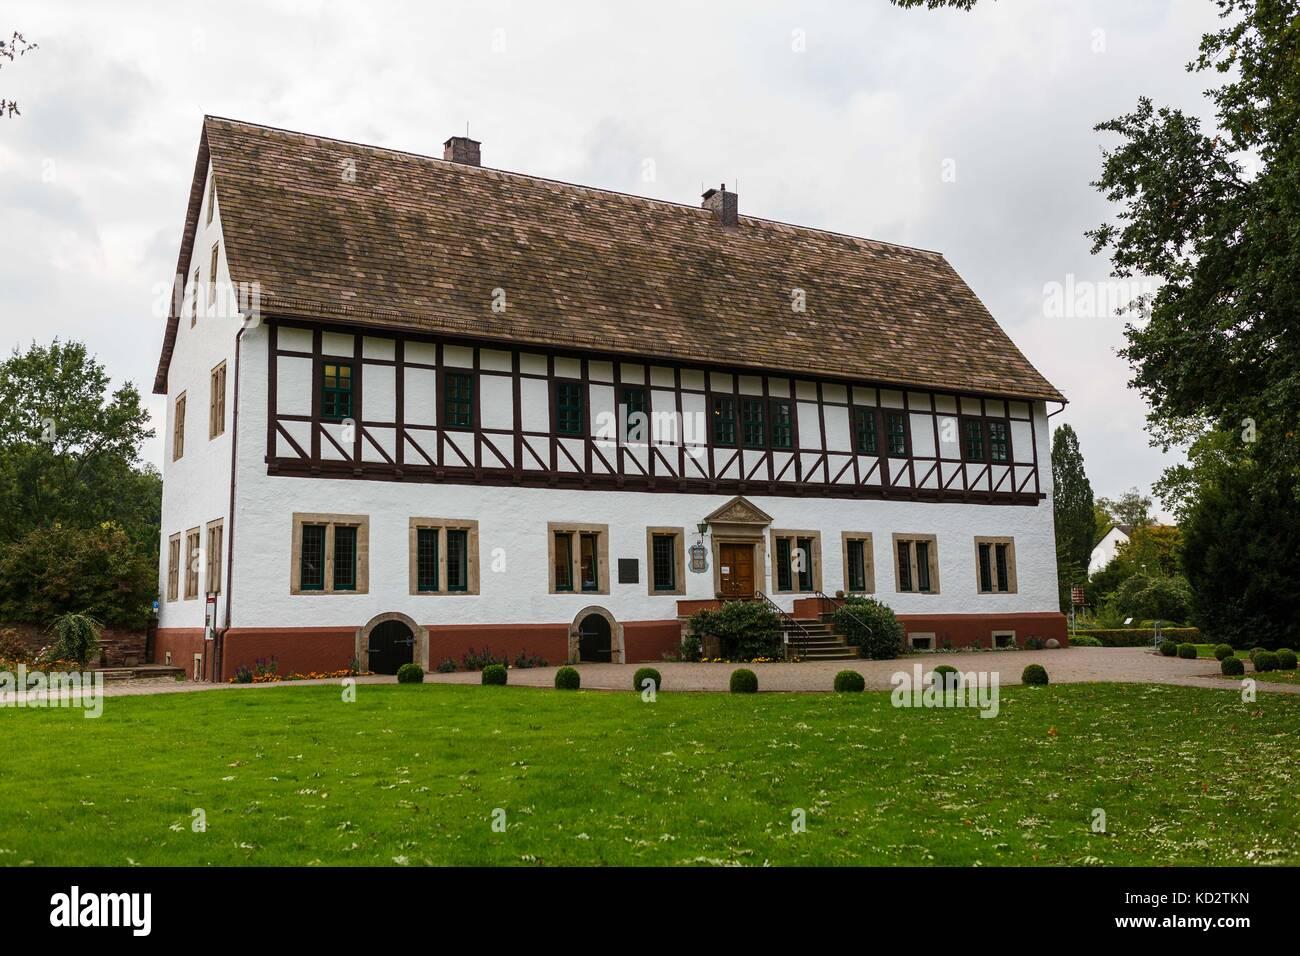 Picture of Baron von Munchhausen's house taken in Bodenwerder, Germany, 20 September 2017. Photo: Philipp Von - Stock Image